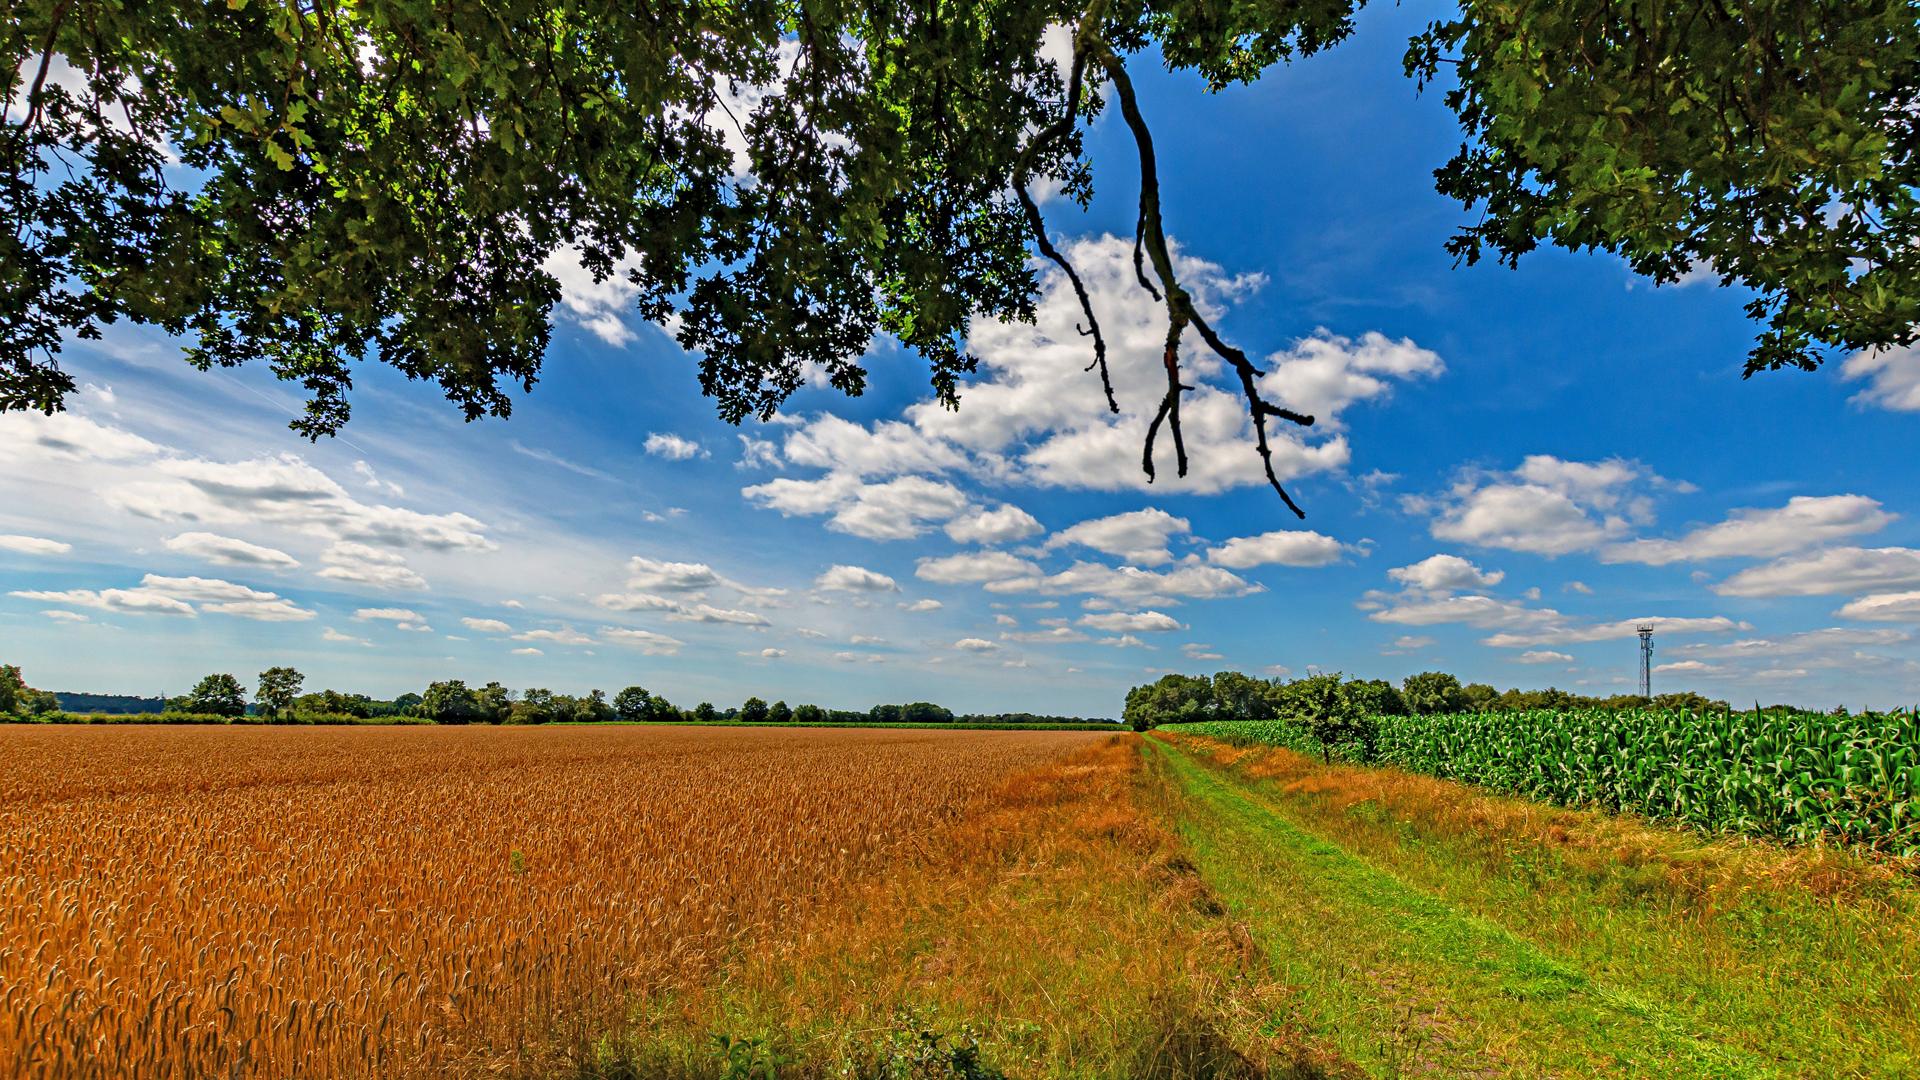 Landwirtschaft und Weite prägen die Gegend rund um Mulmshorn